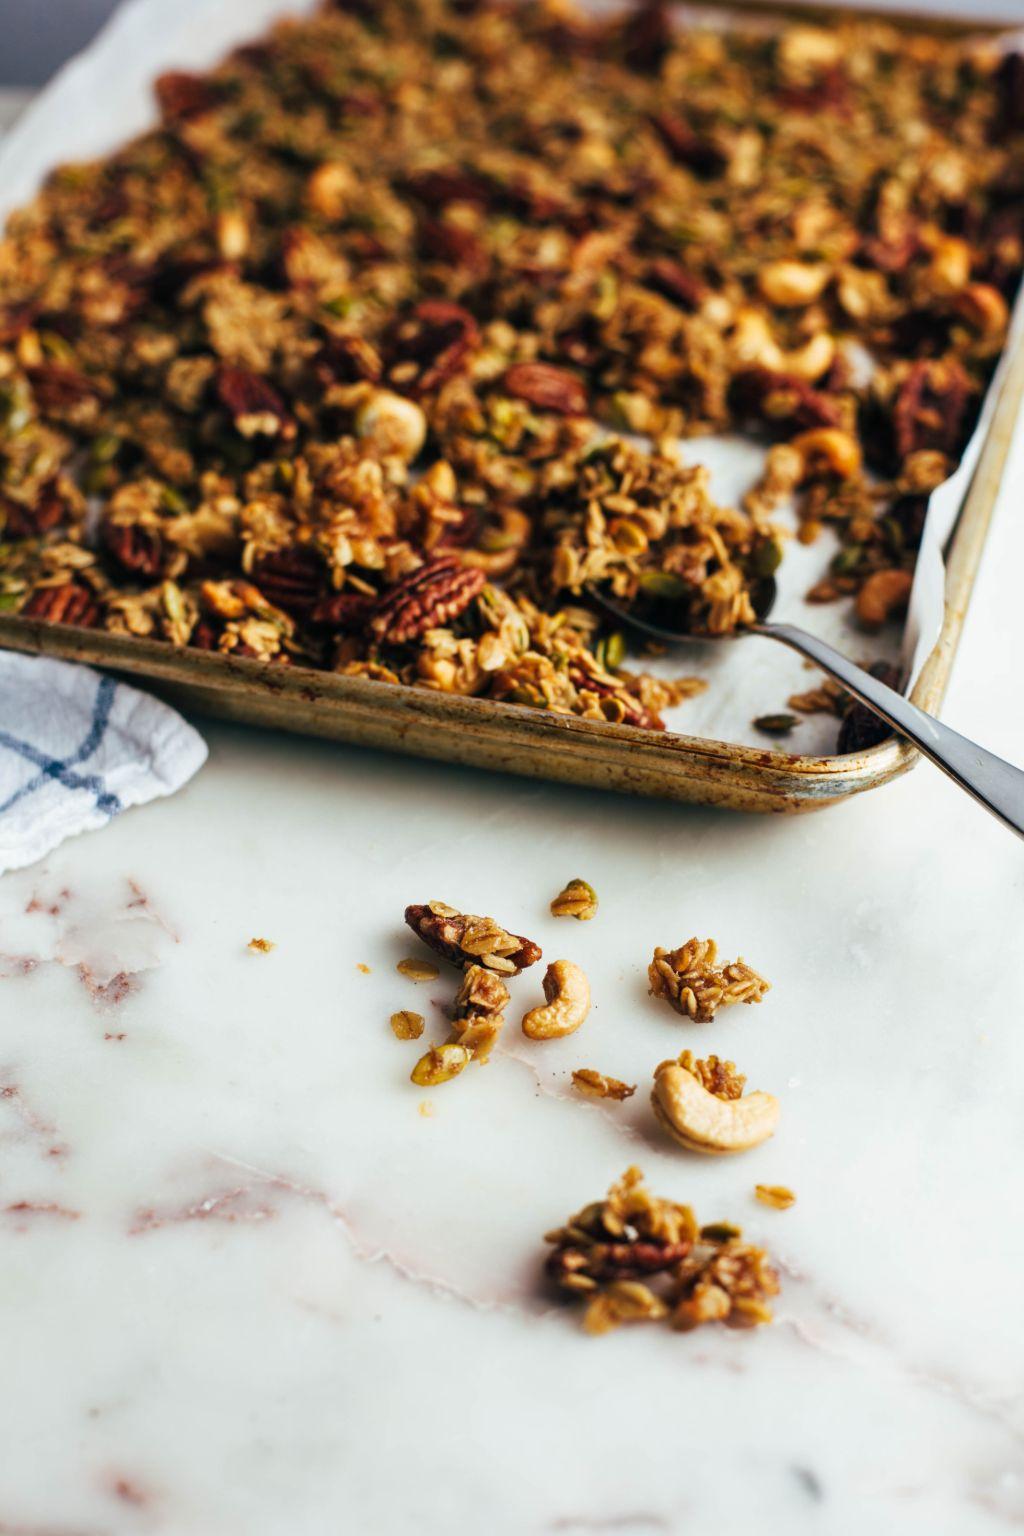 Banana Nut Granola - Tastemaker Blog